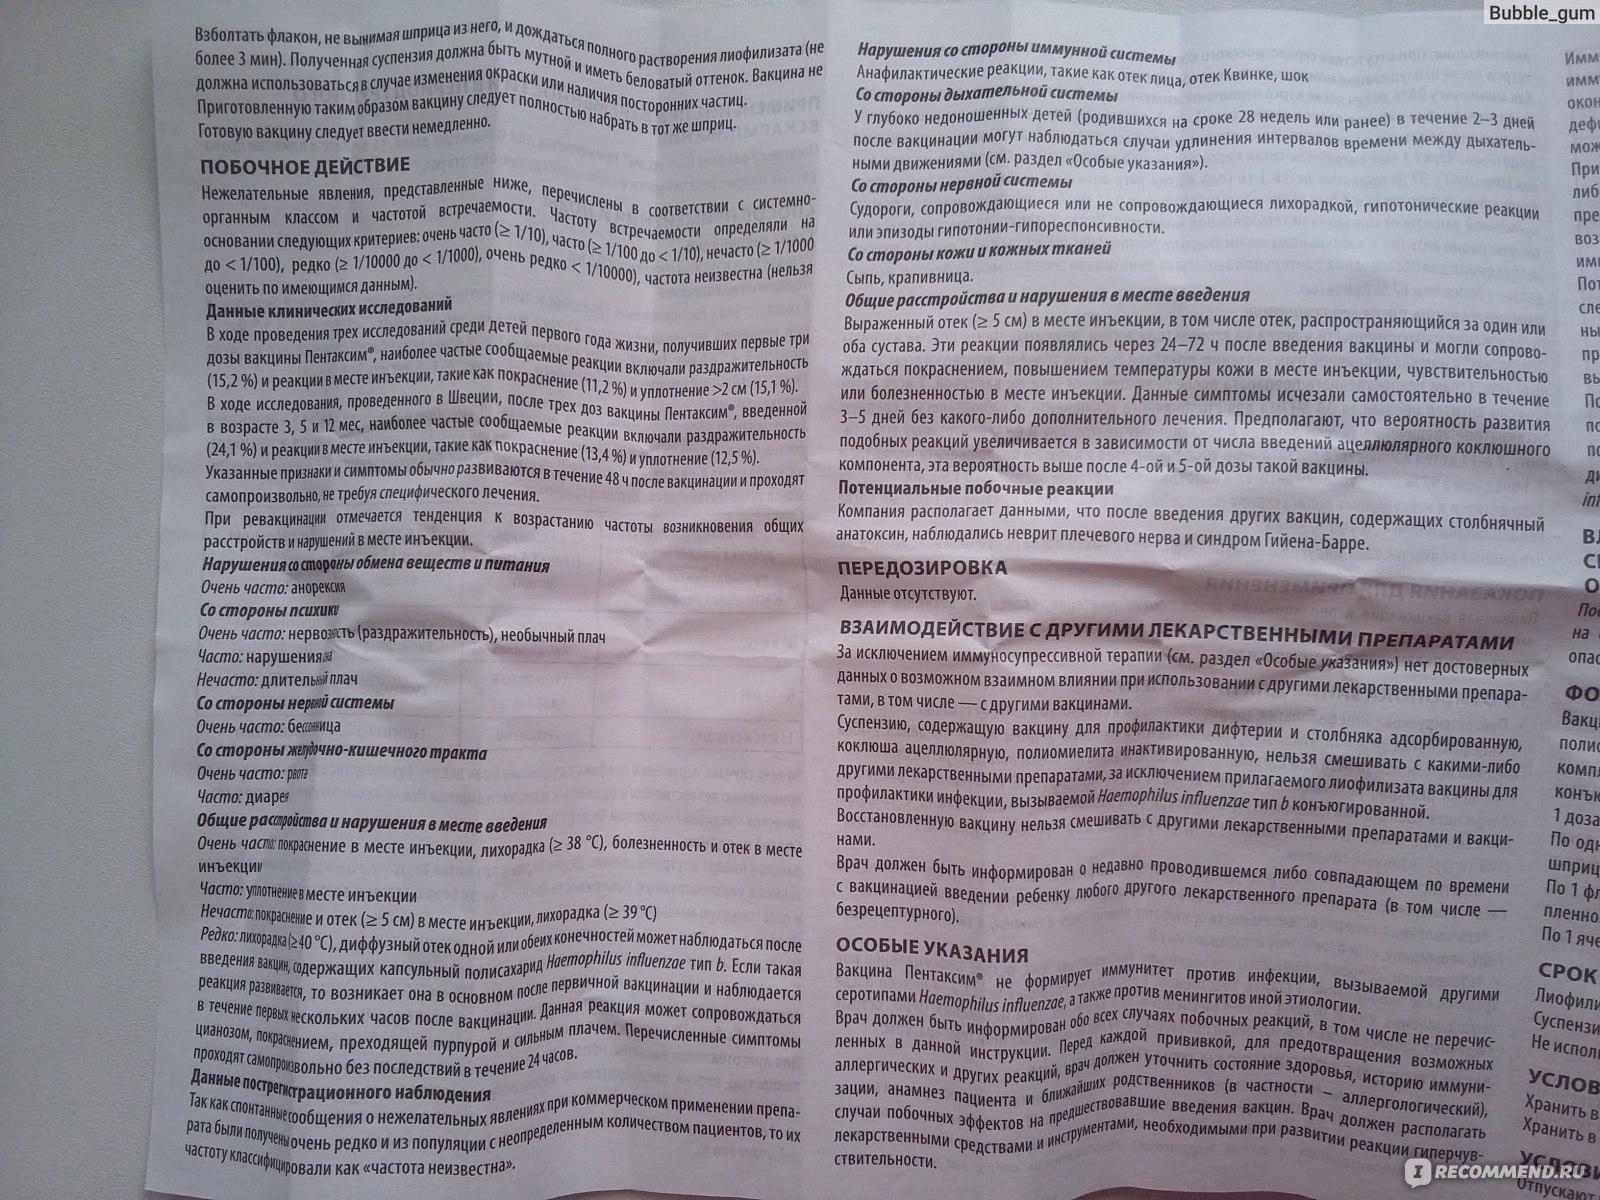 Вакцина «пентаксим»: от чего, состав, описание инструкции